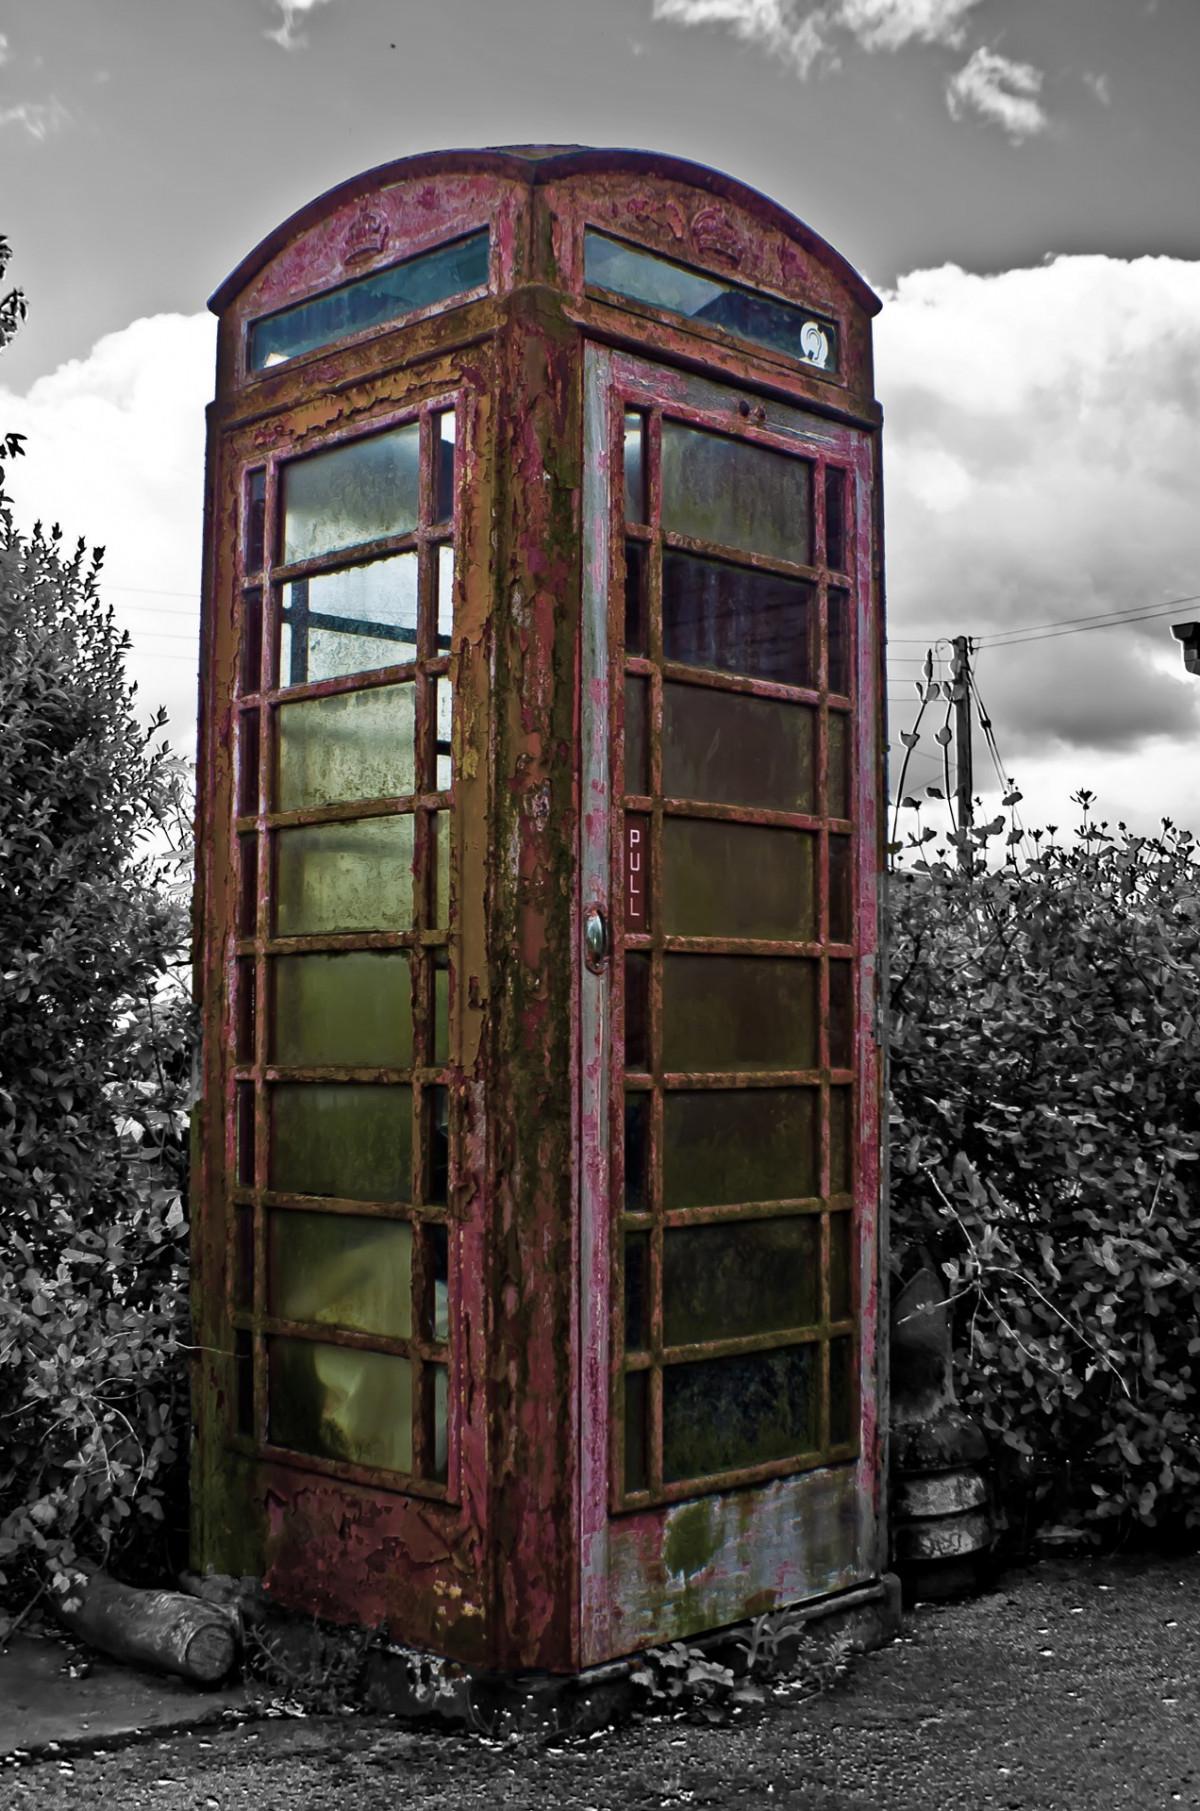 фото картинки на телефон автомат покупать коллекционные